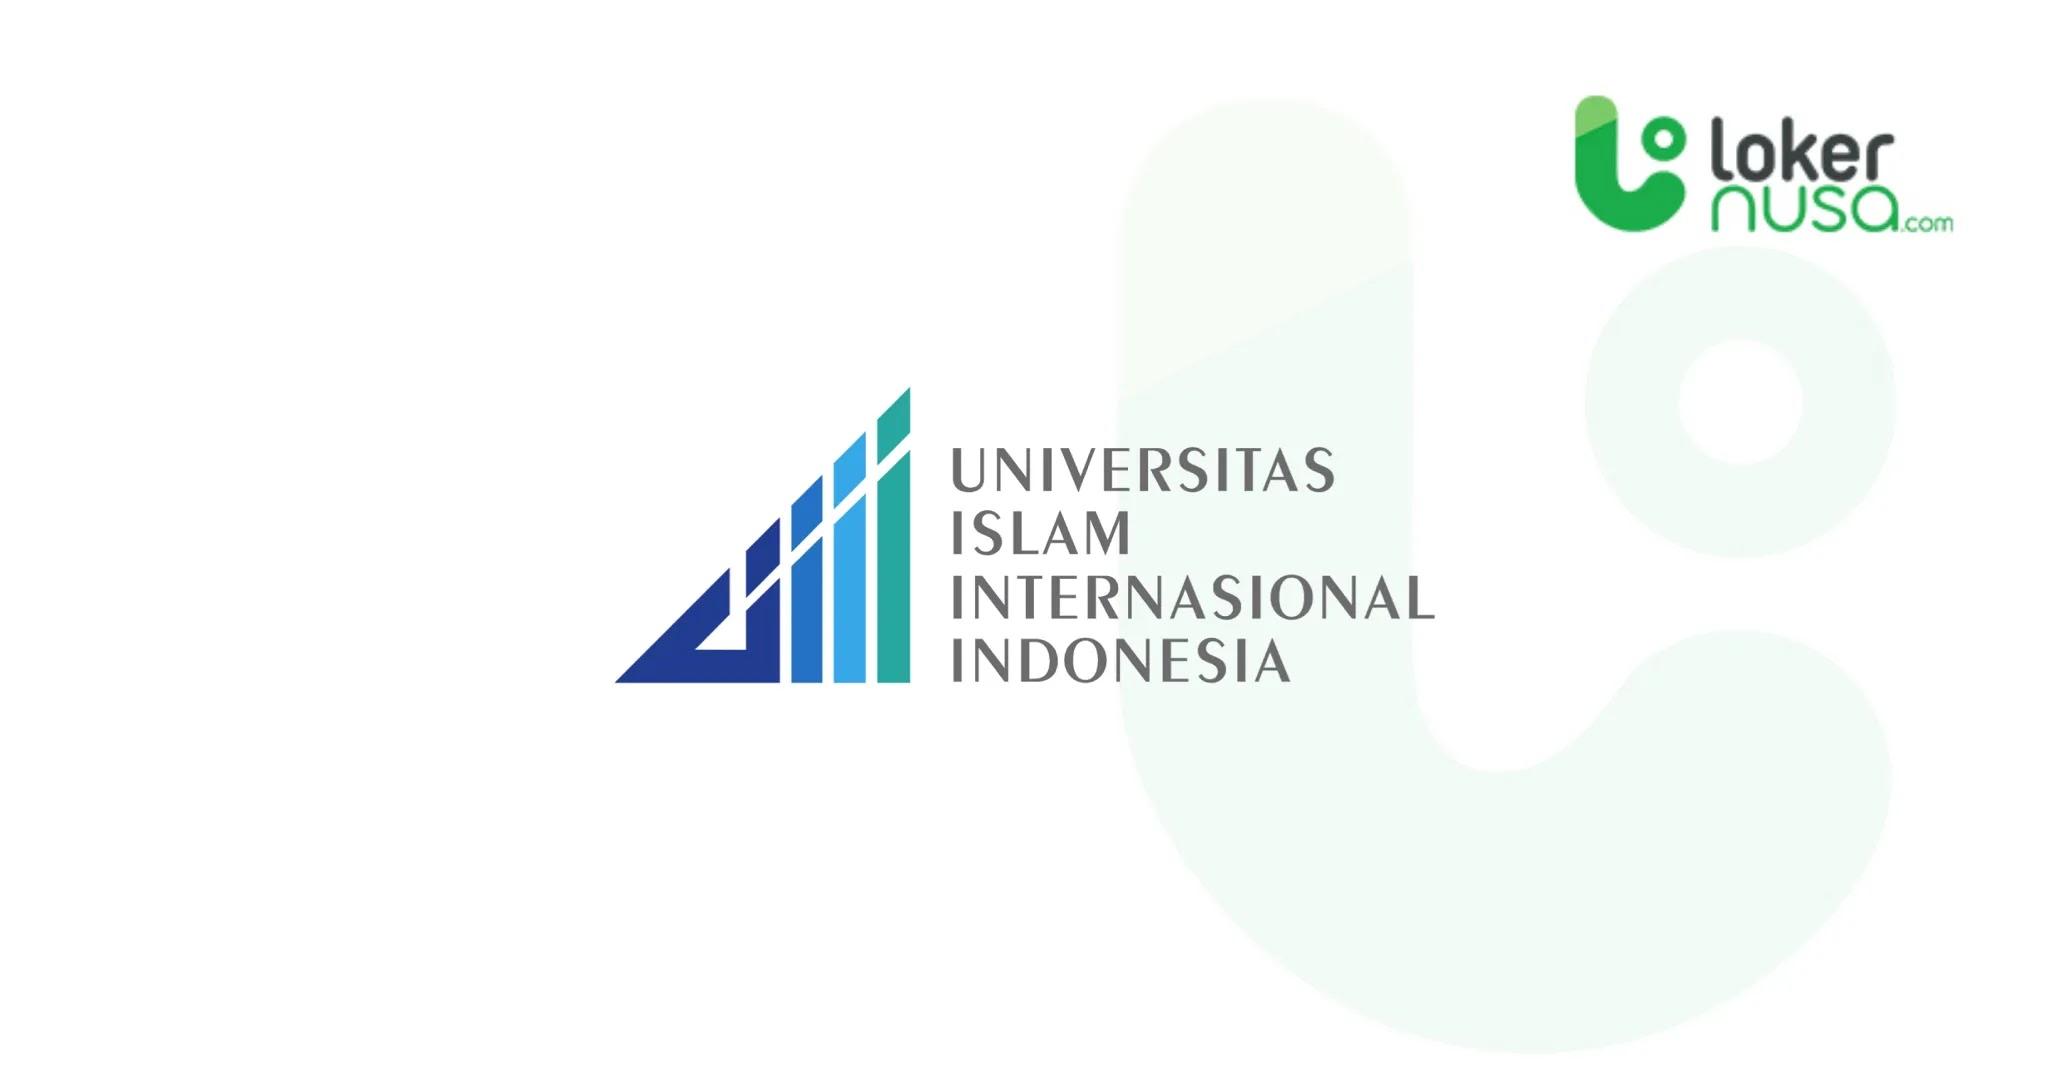 Lowongan kerja Juli 2021 - Universitas Islam Internasional Indonesia (UIII).